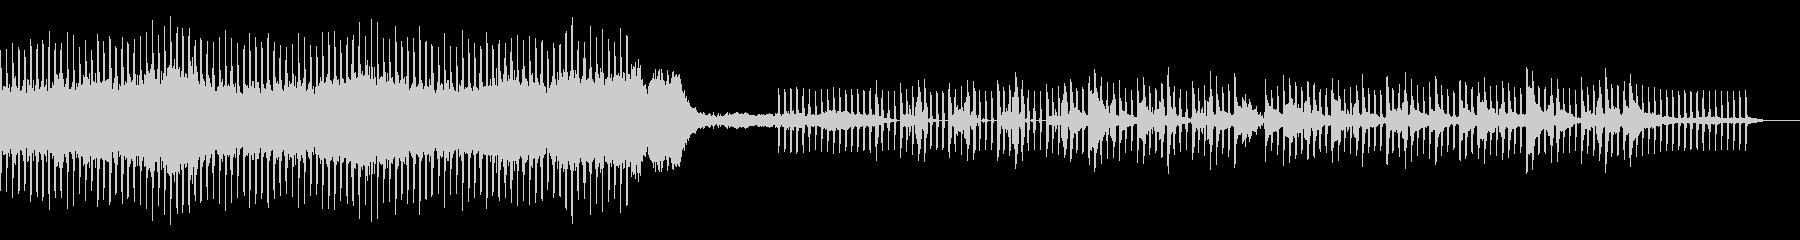 近未来的でクールなアンビエントな楽曲の未再生の波形